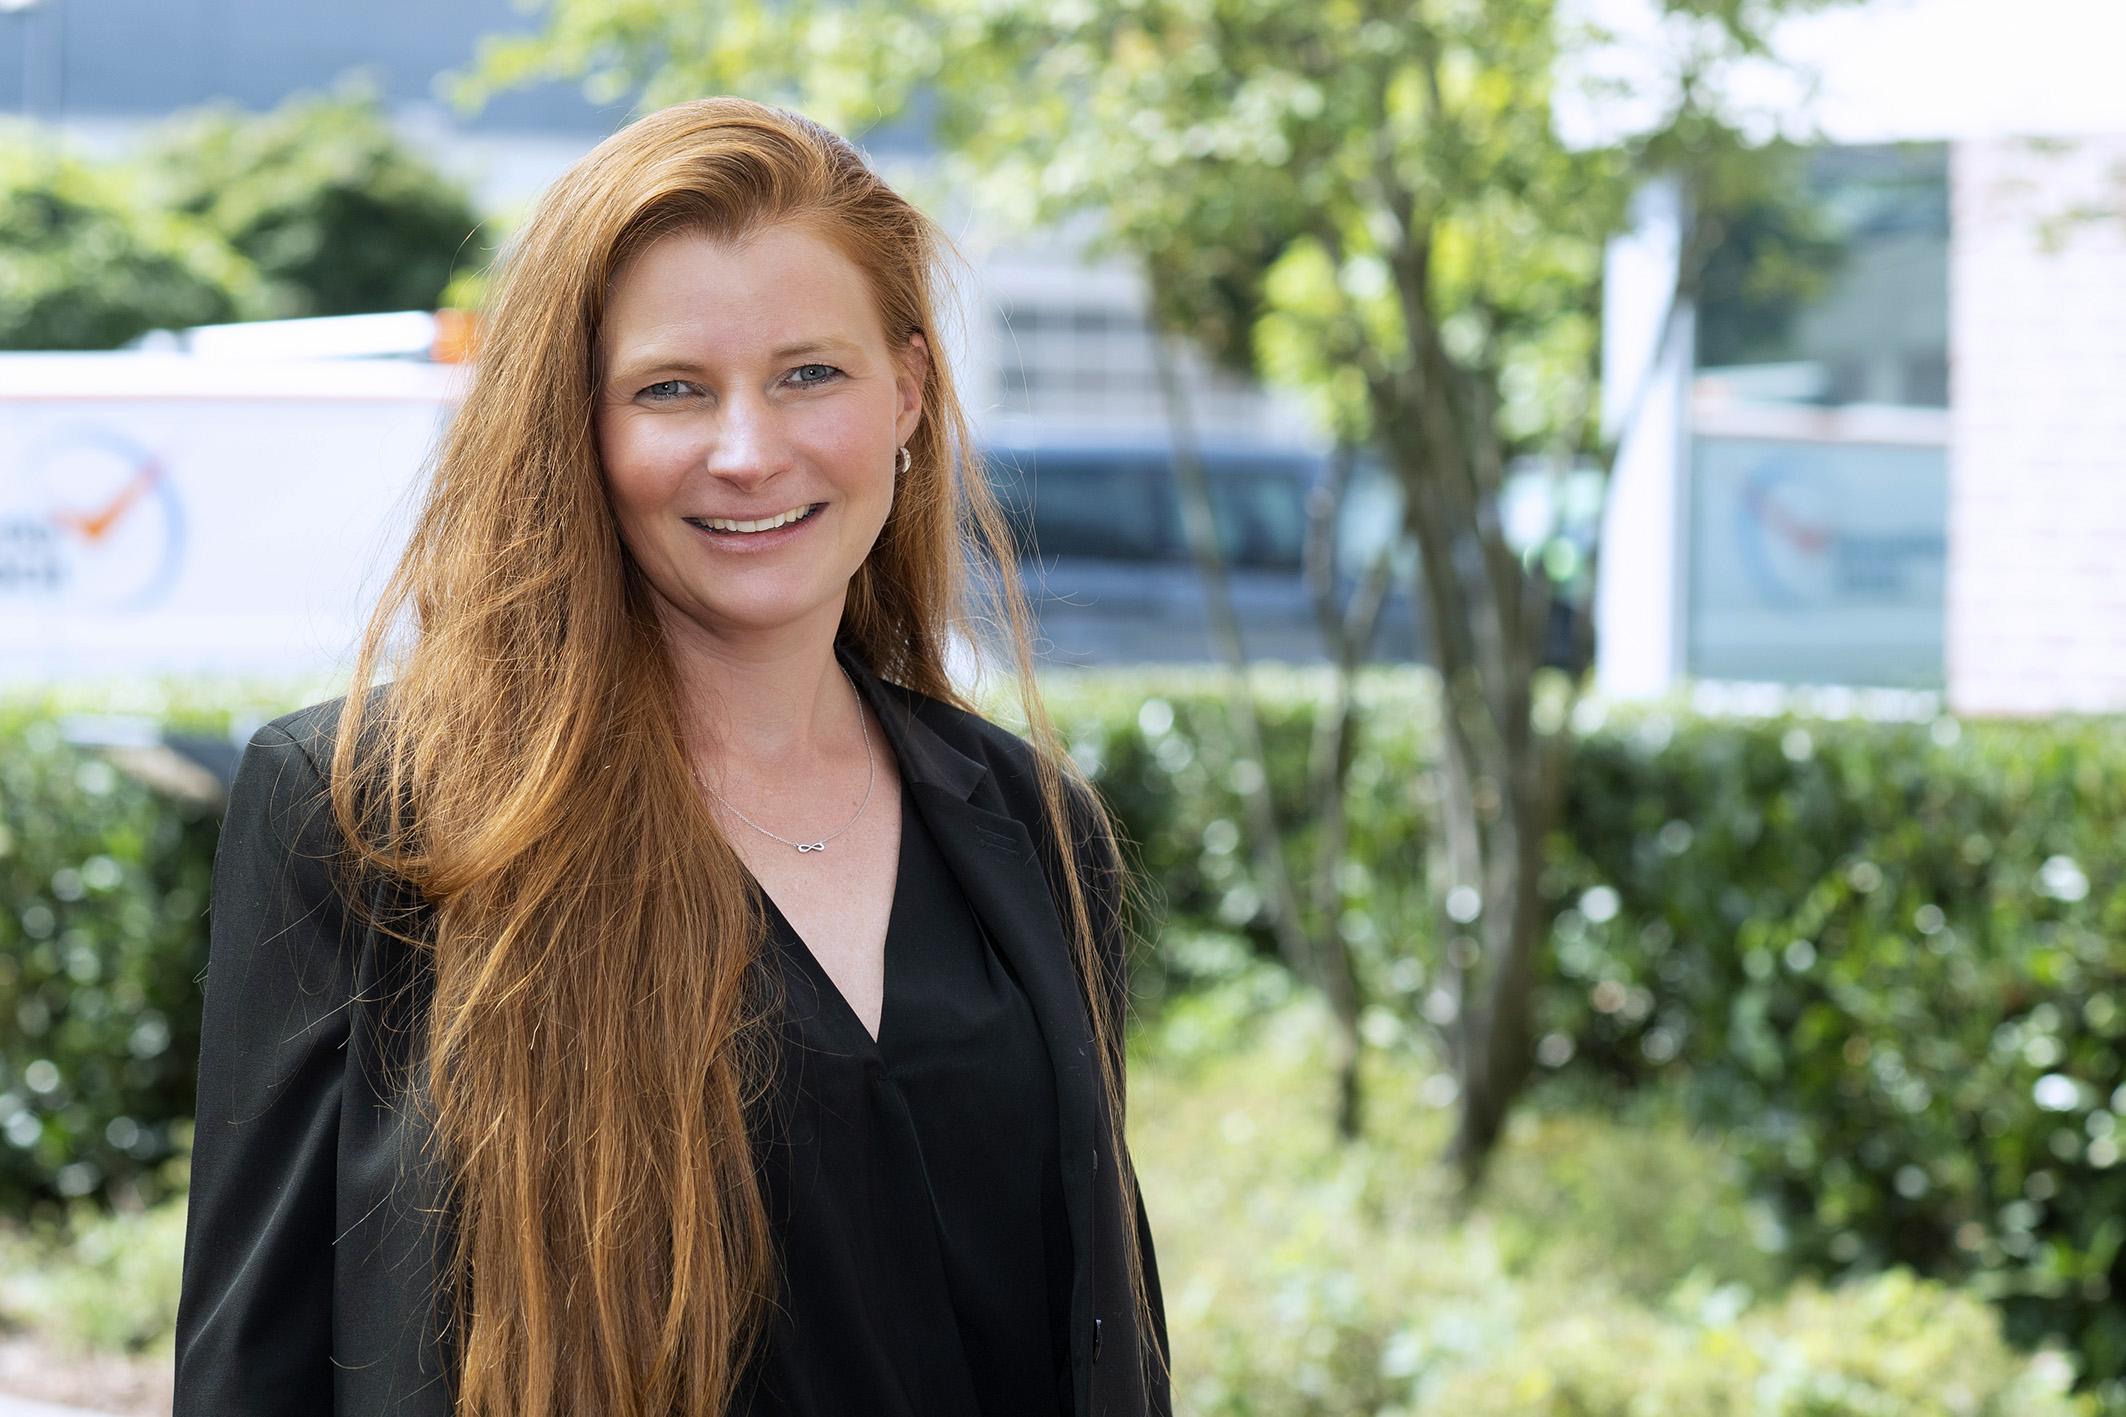 Kristina Derks